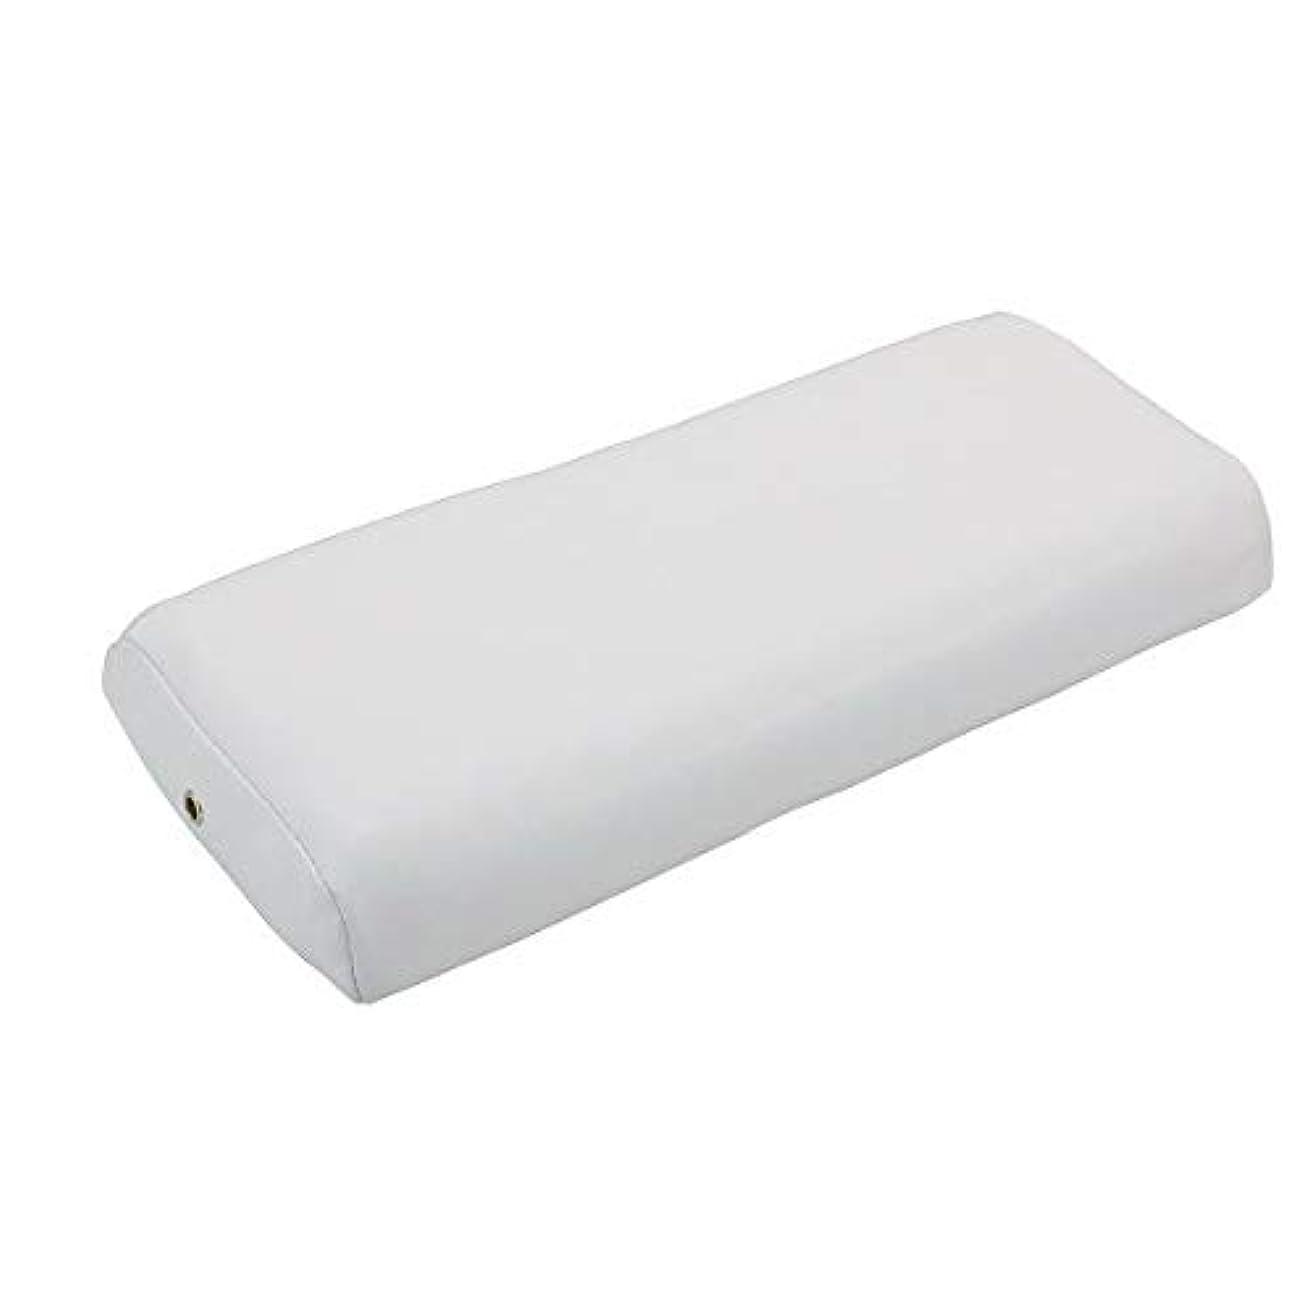 熟練したマイコン小屋NEOかどまる枕 FV-921 【 ホワイト 】 フェイスまくら フェイス枕 うつぶせ枕 マッサージ枕